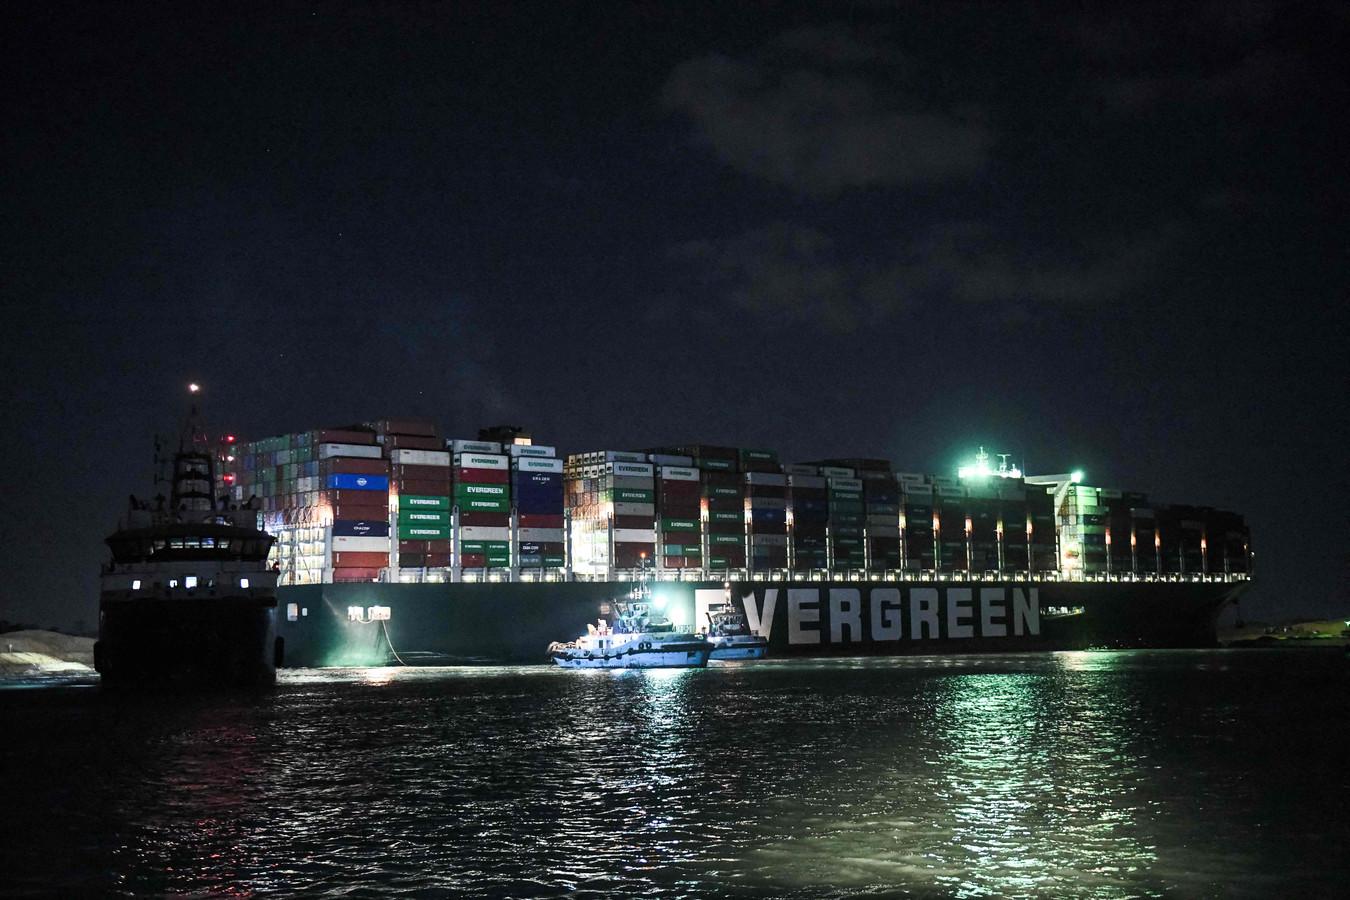 Một cơn gió độc làm thương mại toàn cầu méo miệng: Nguồn cơn câu chuyện lạ kỳ từ Suez - Ảnh 6.